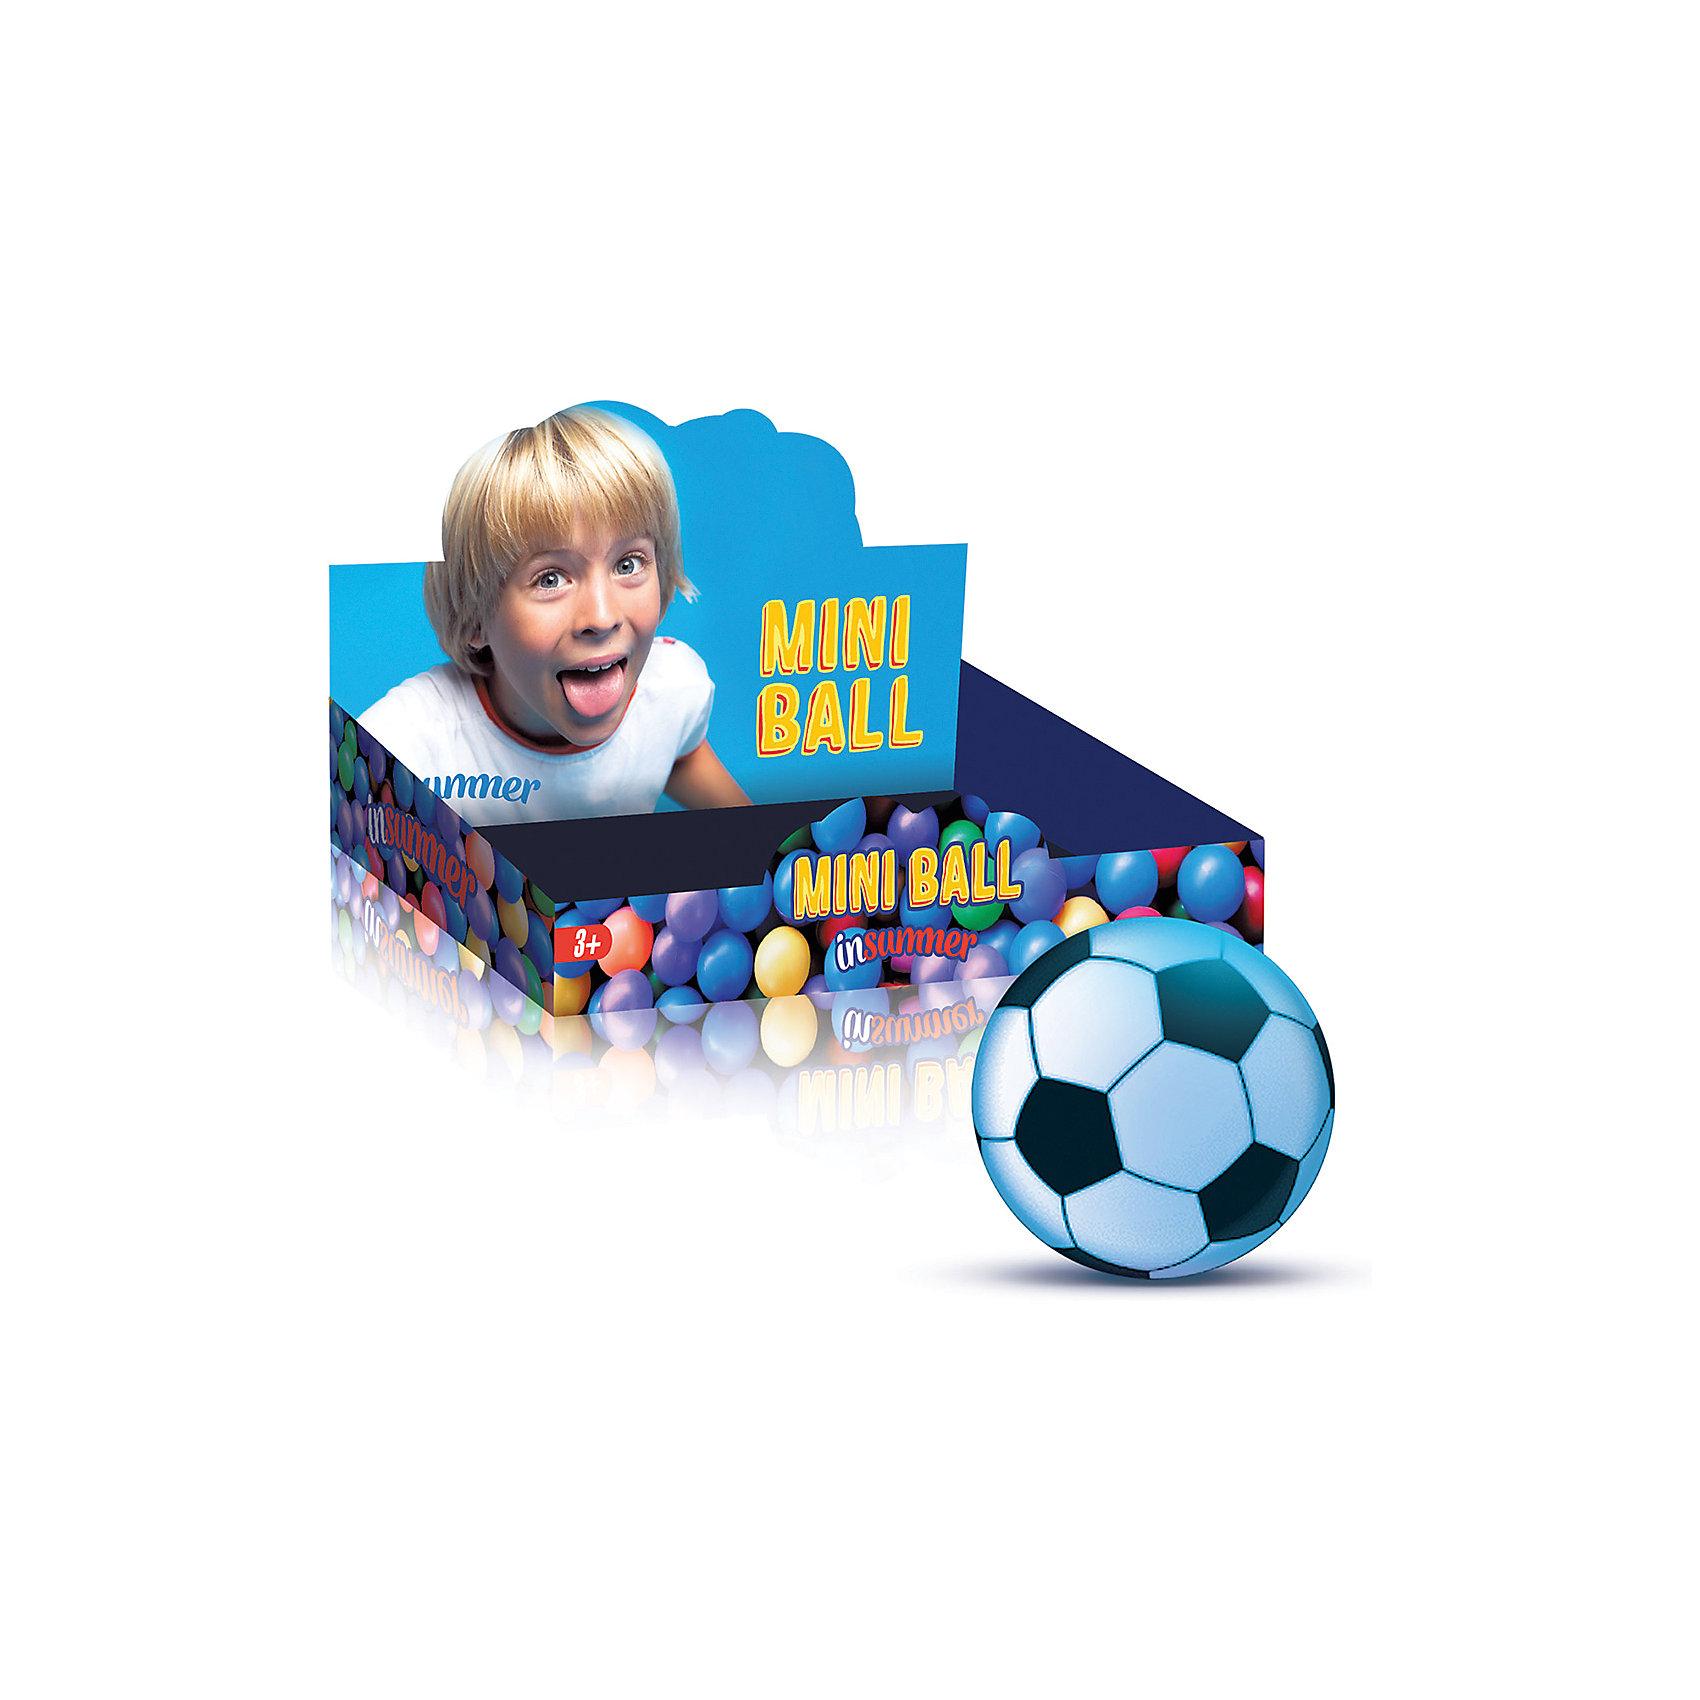 Мини-мяч Спорт, 5 см со светом, ЛетоАктивные игры<br>Характеристики товара:<br><br>• возраст: от 3 лет<br>• цвет: белый, черный<br>• светящийся<br>• материал: резина<br>• размер: 5 см<br><br>Мини-мяч Спорт, 5 см со светом, Лето можно купить в нашем интернет-магазине.<br><br>Ширина мм: 35<br>Глубина мм: 800<br>Высота мм: 320<br>Вес г: 100<br>Возраст от месяцев: 36<br>Возраст до месяцев: 144<br>Пол: Унисекс<br>Возраст: Детский<br>SKU: 4753590